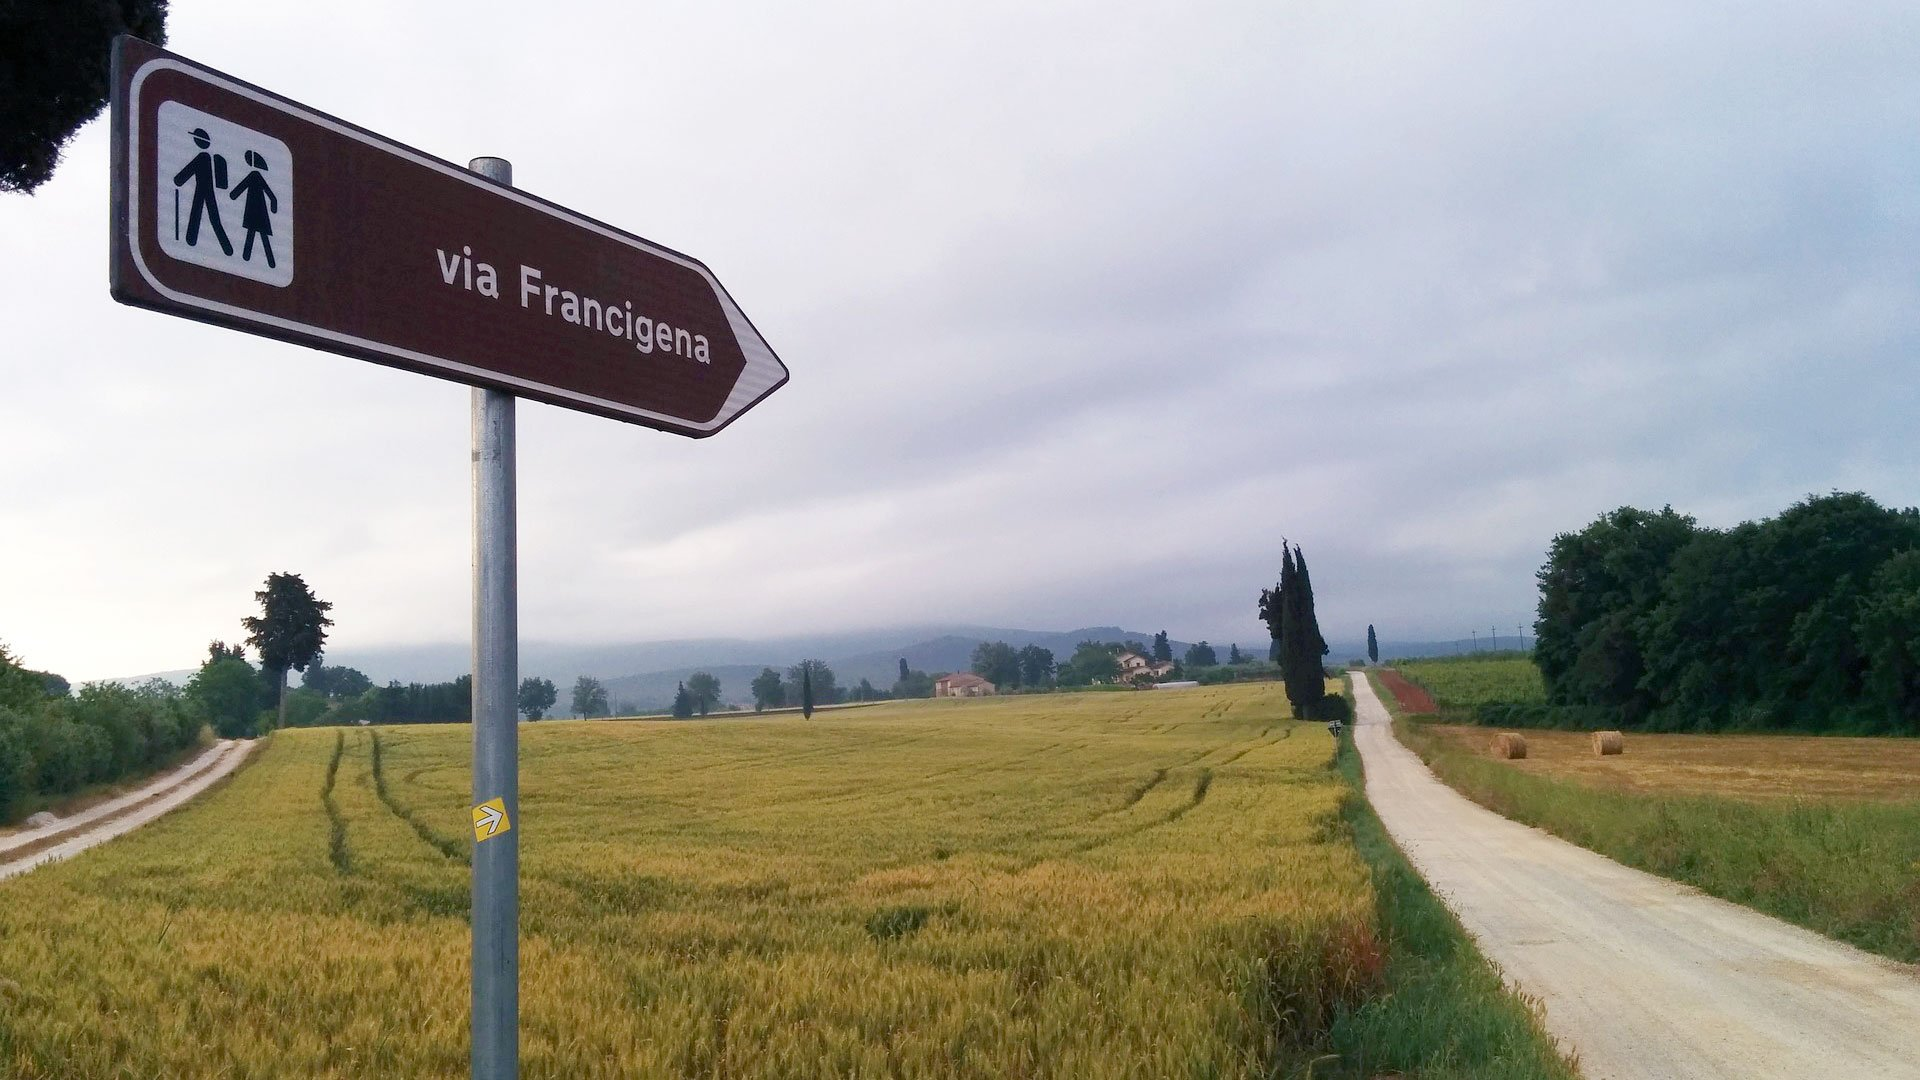 Via Francigena Tuscany Italy